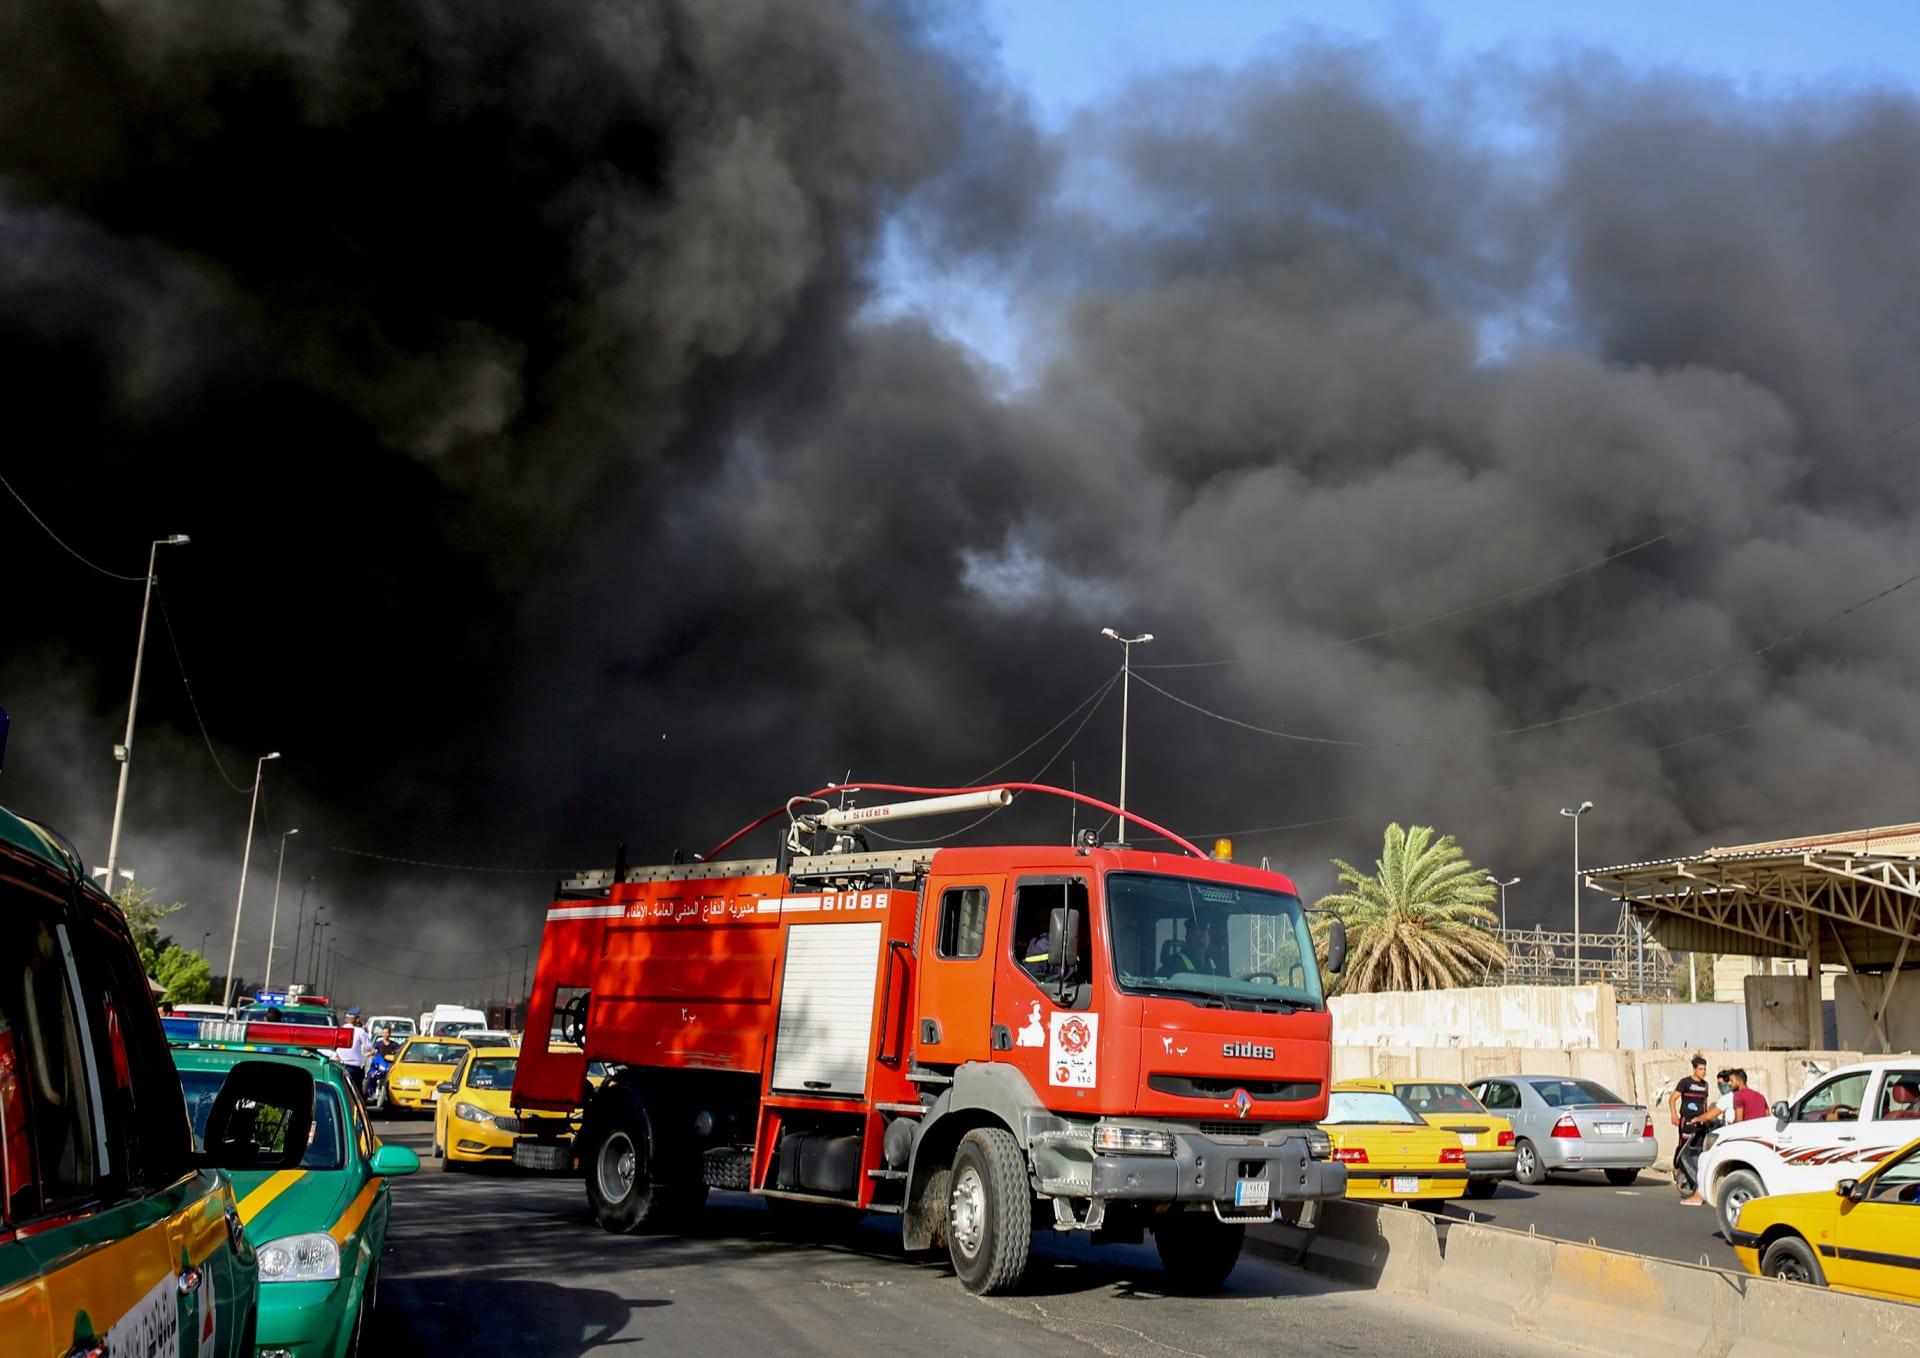 القضاء العراقي يعلن توقيف 4 متهمين بحريق مفوضية الانتخابات